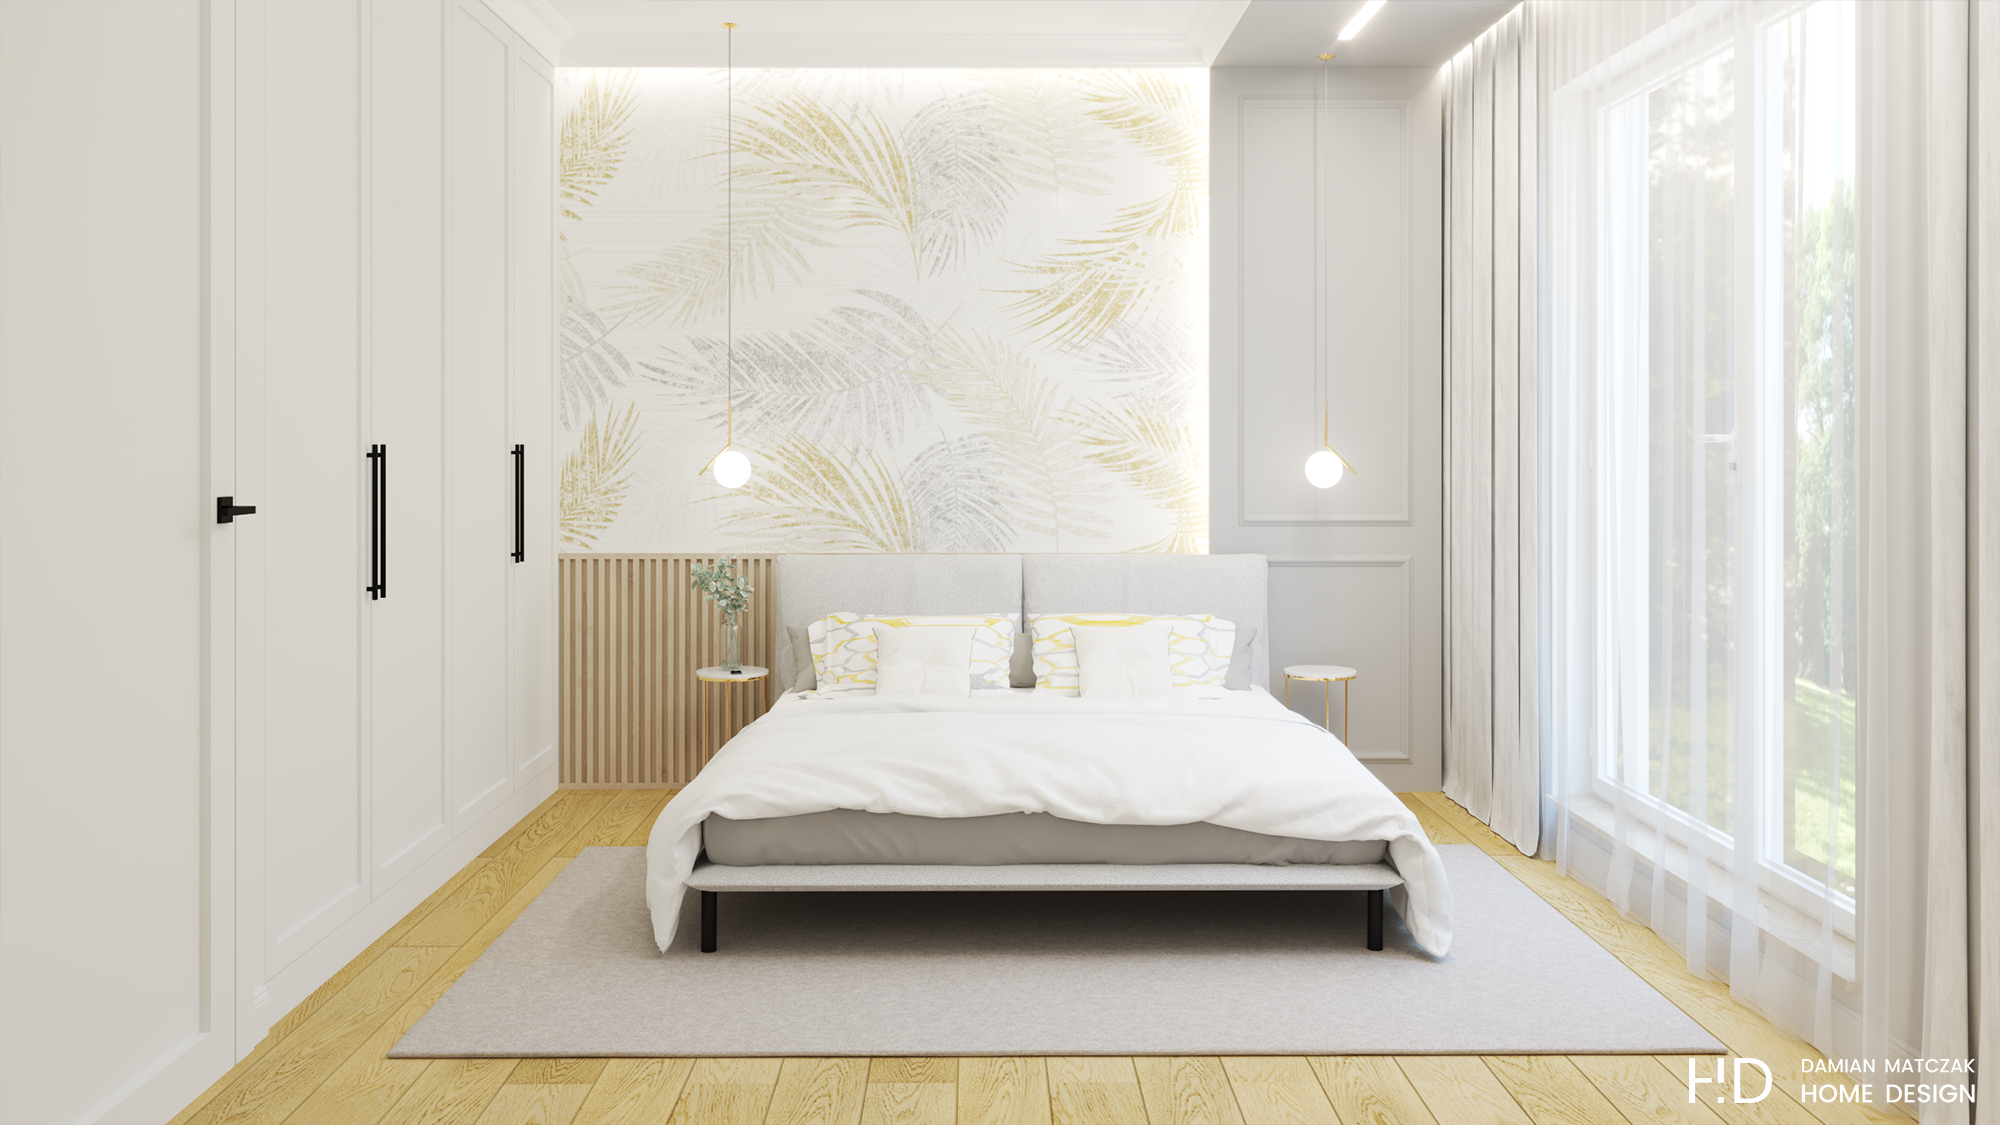 70 metrowe mieszkanie w stylu nowojorskim   Proj: Damian Matczak Home Design